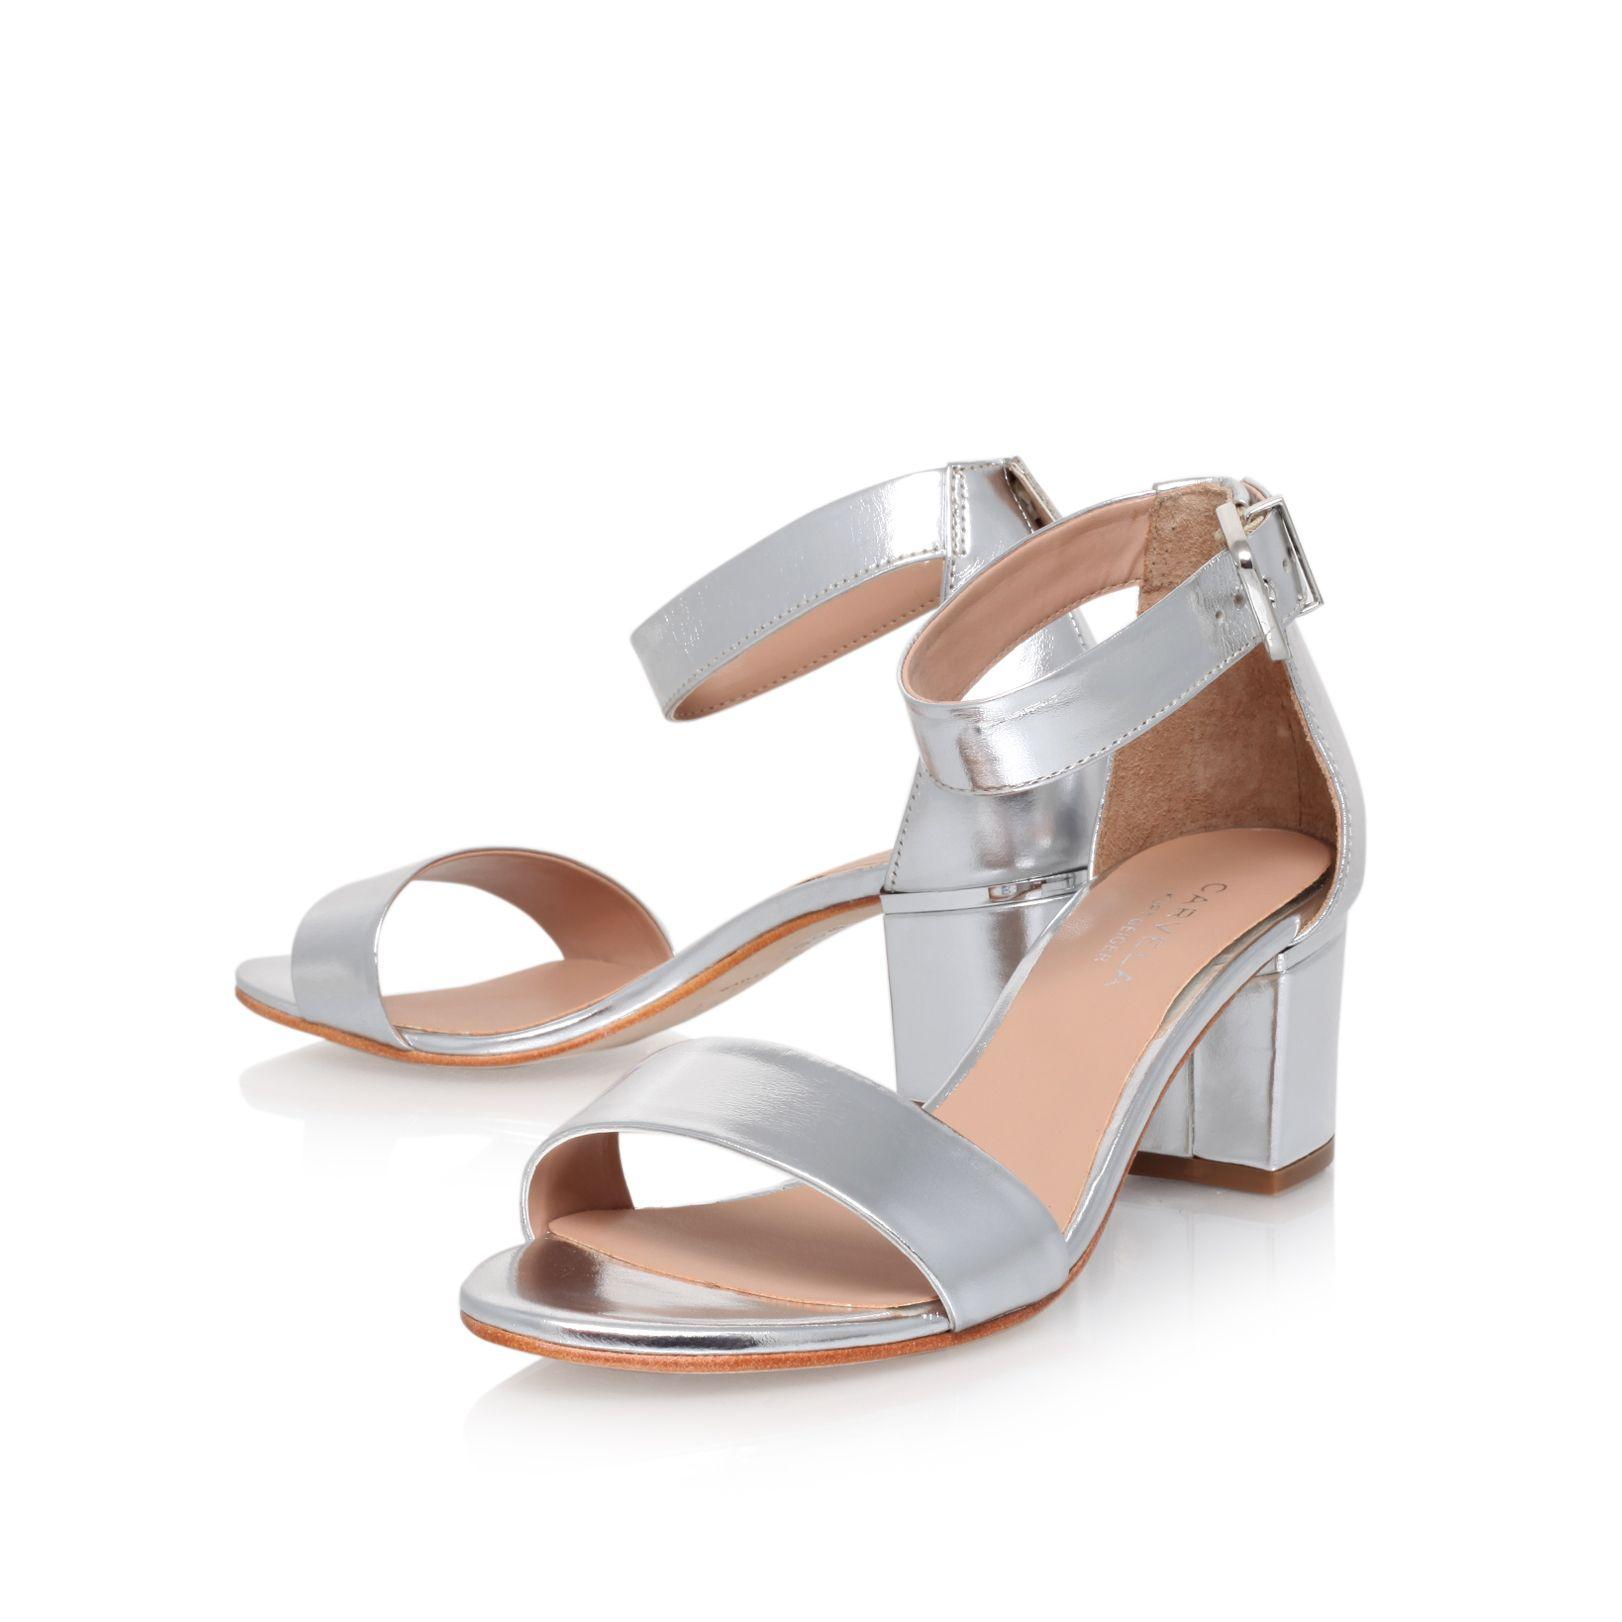 carvela kurt geiger krisp leather block heeled sandals in